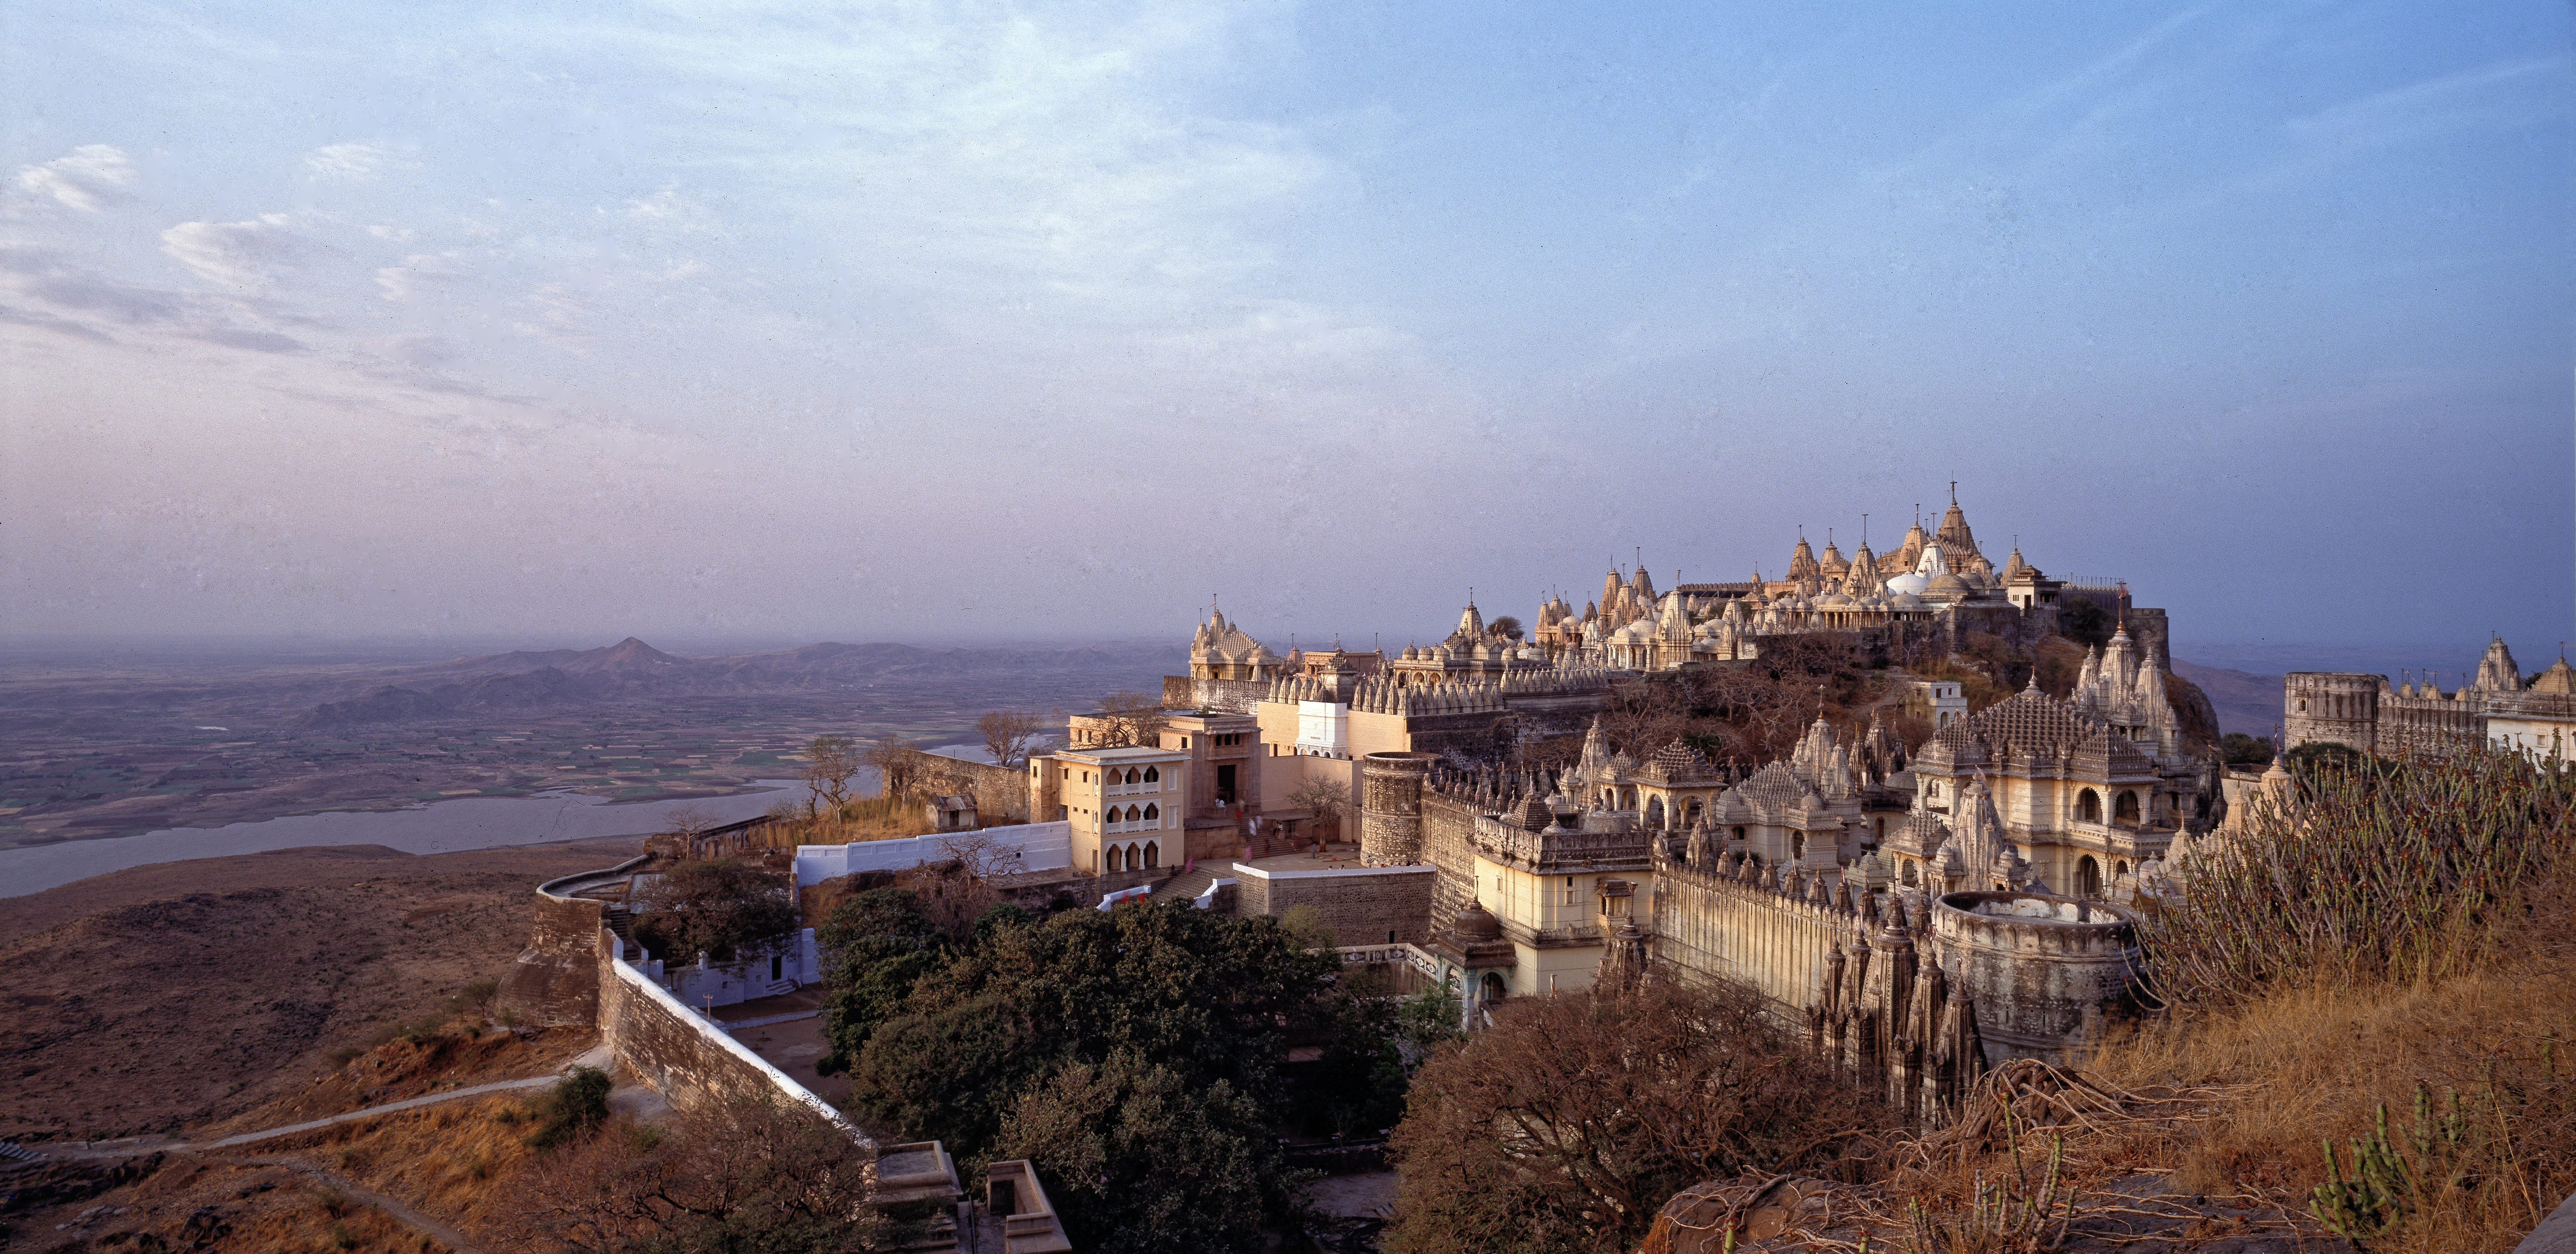 Jain-temples at Palitana/ India